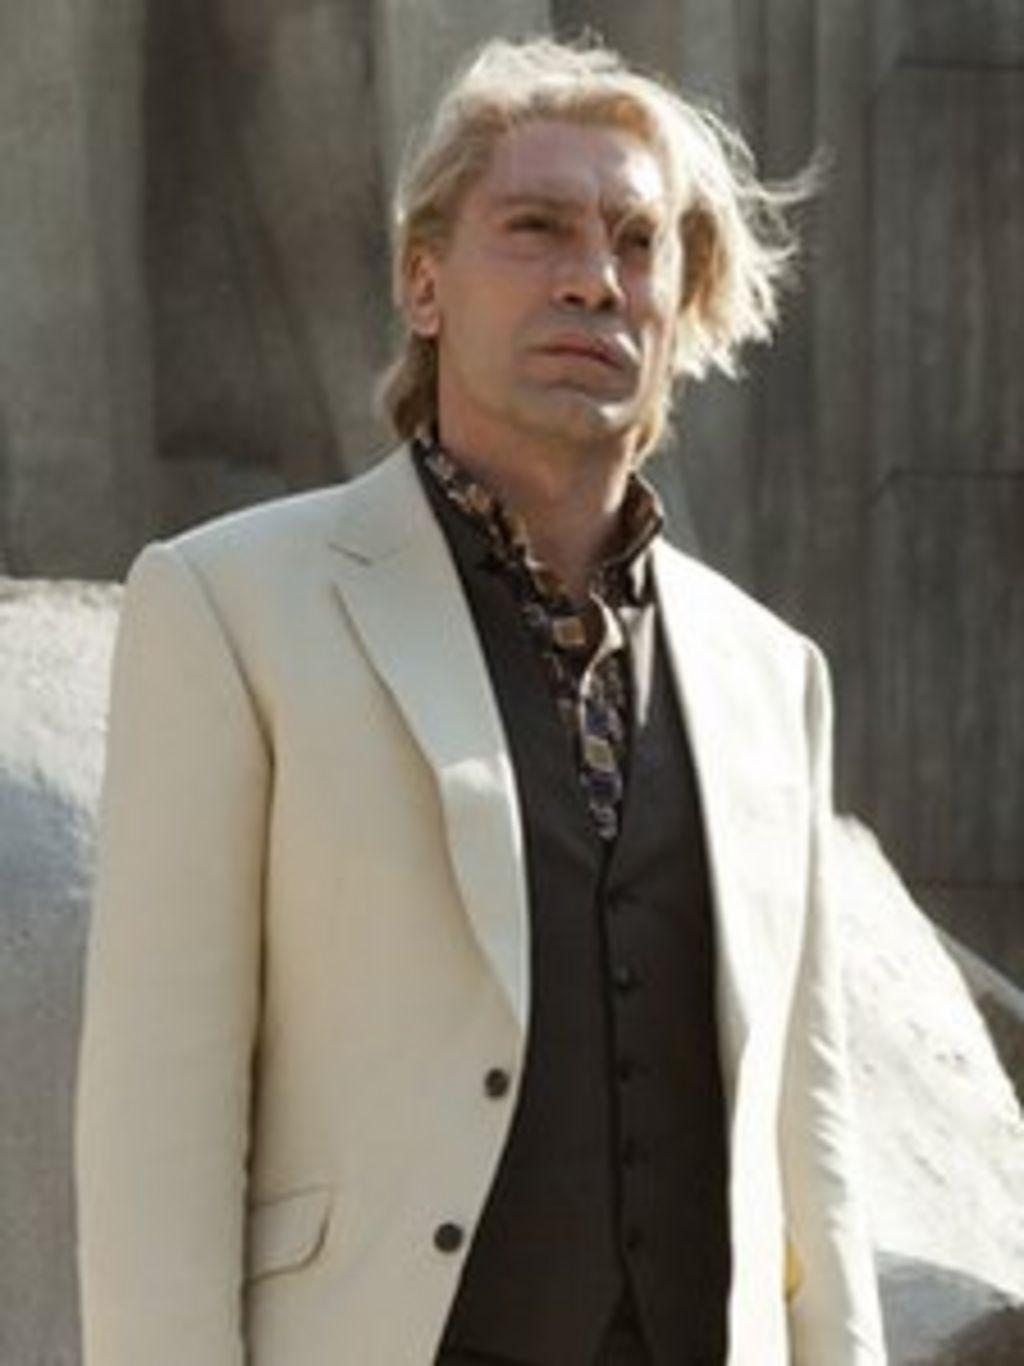 007 casino royale darsteller